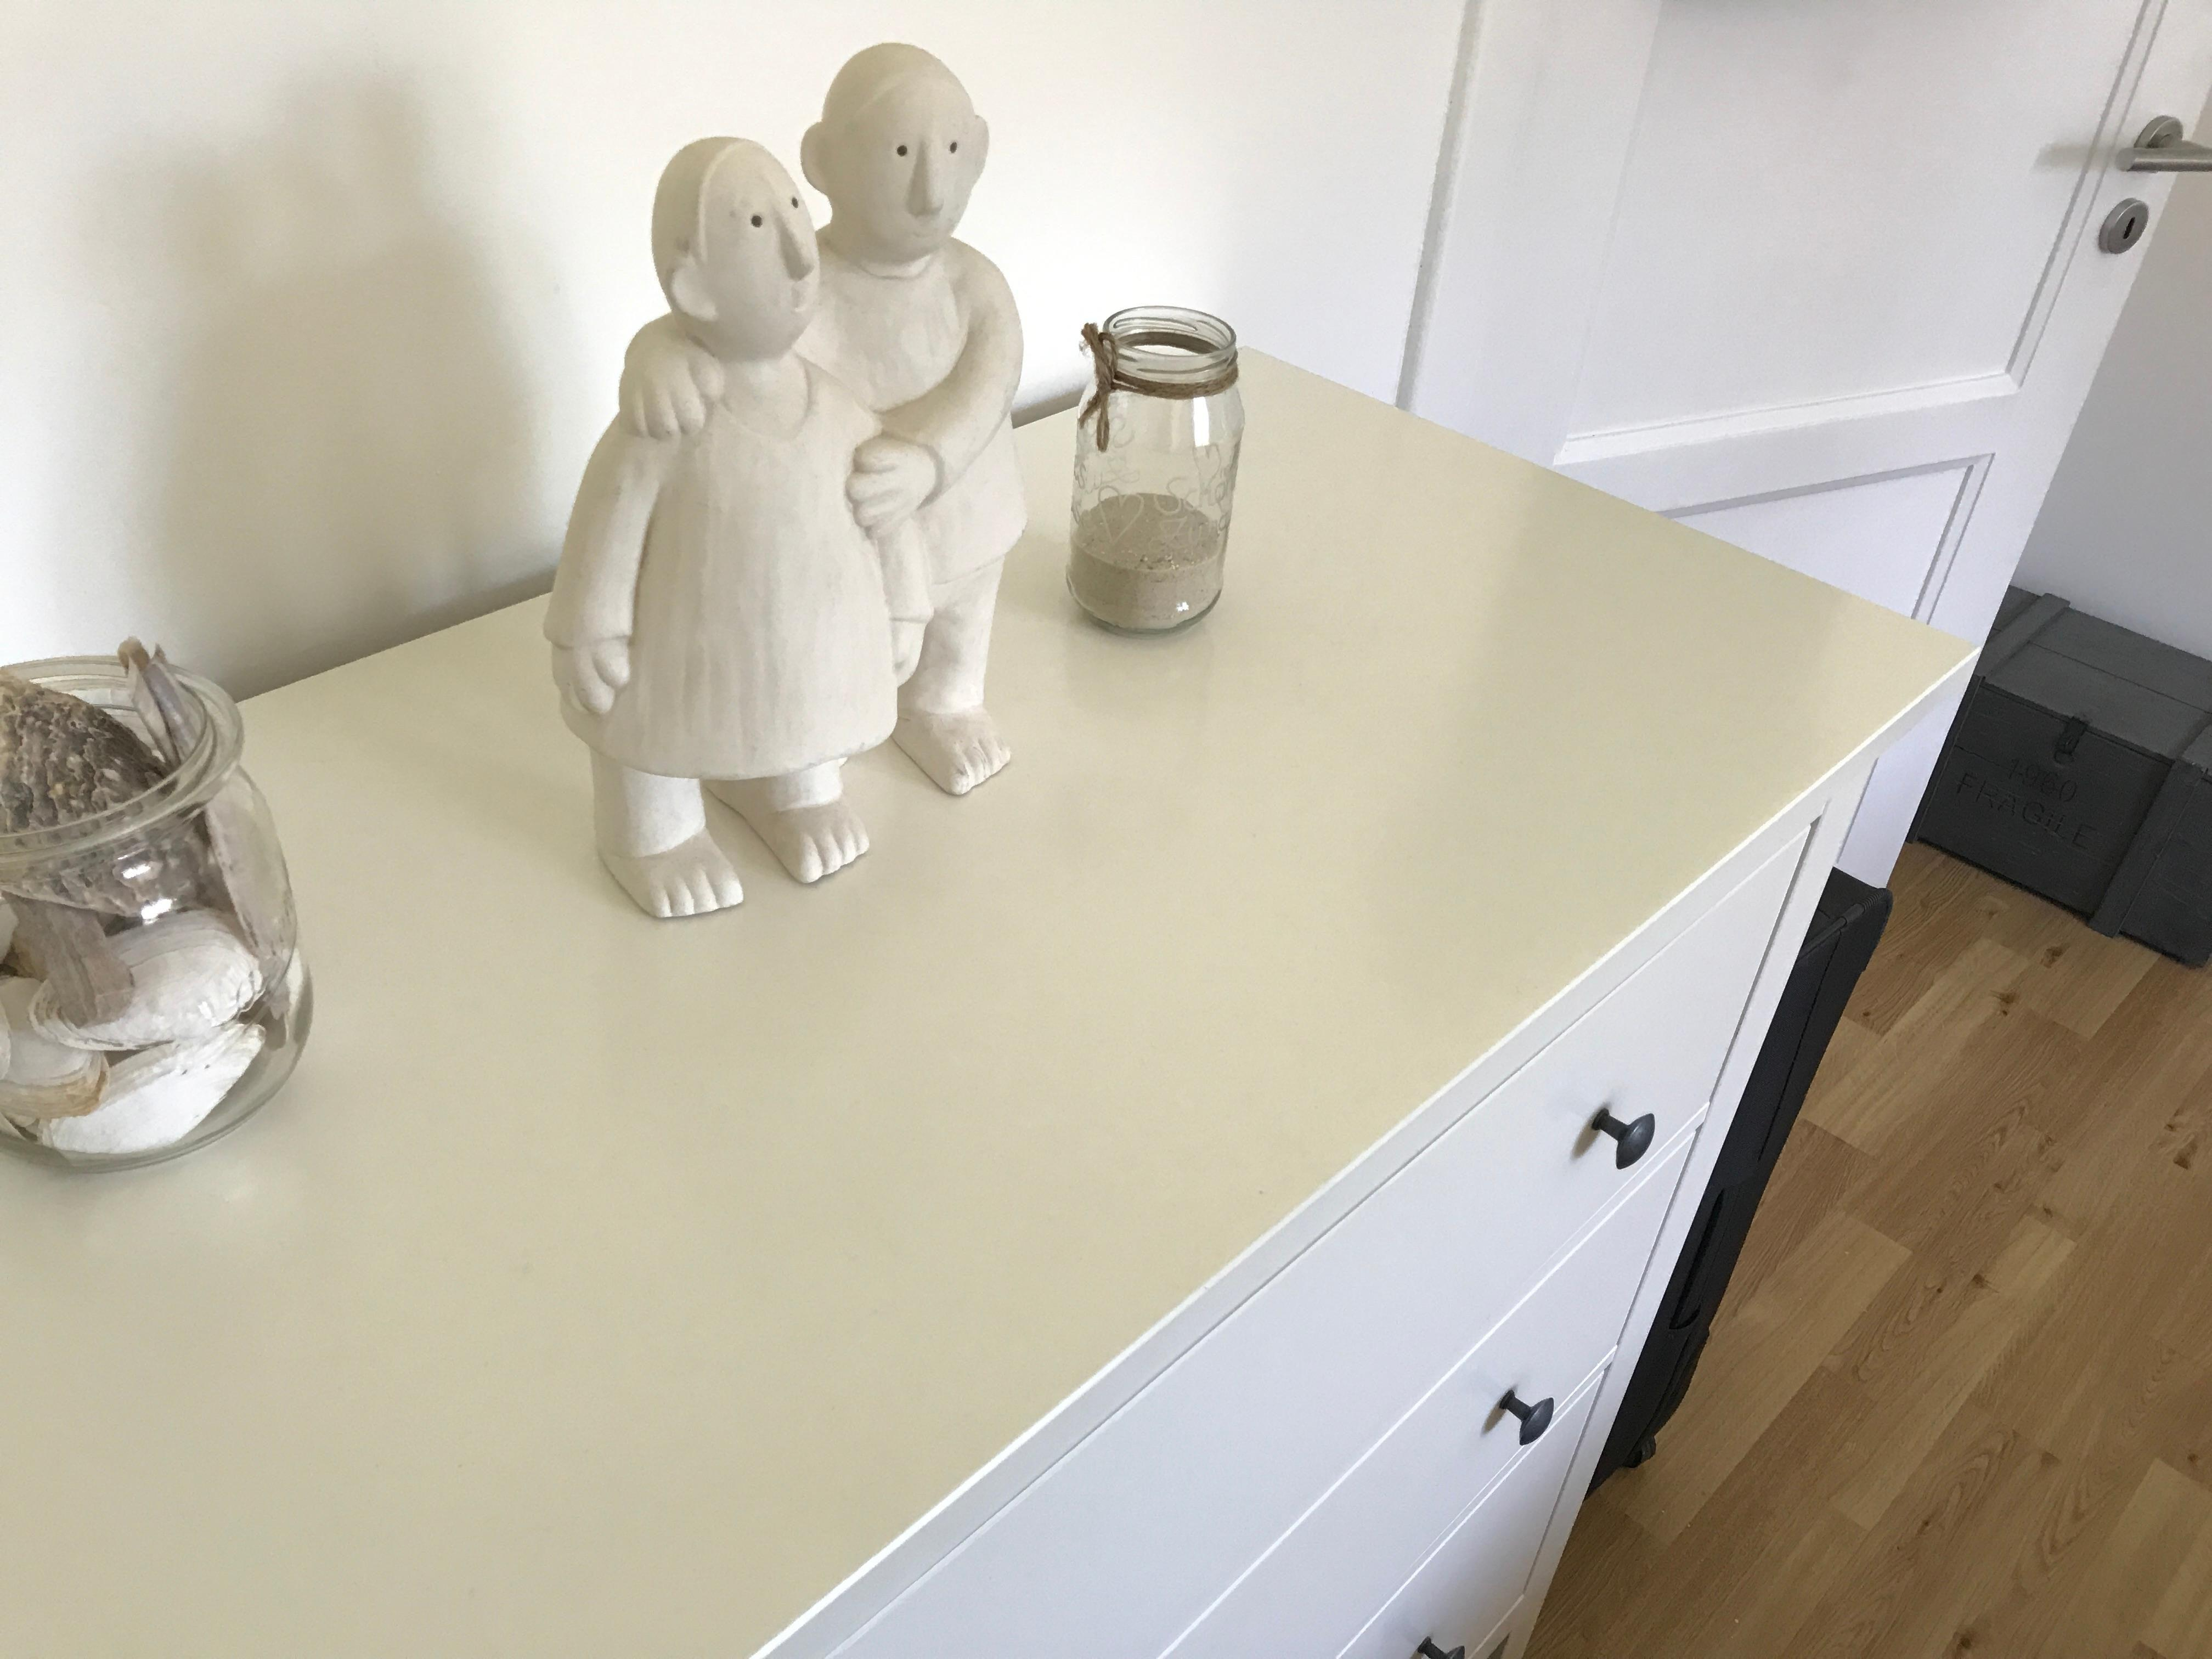 Ebd Kühlschrank Retro : Retro schlafzimmer u bilder ideen u couch